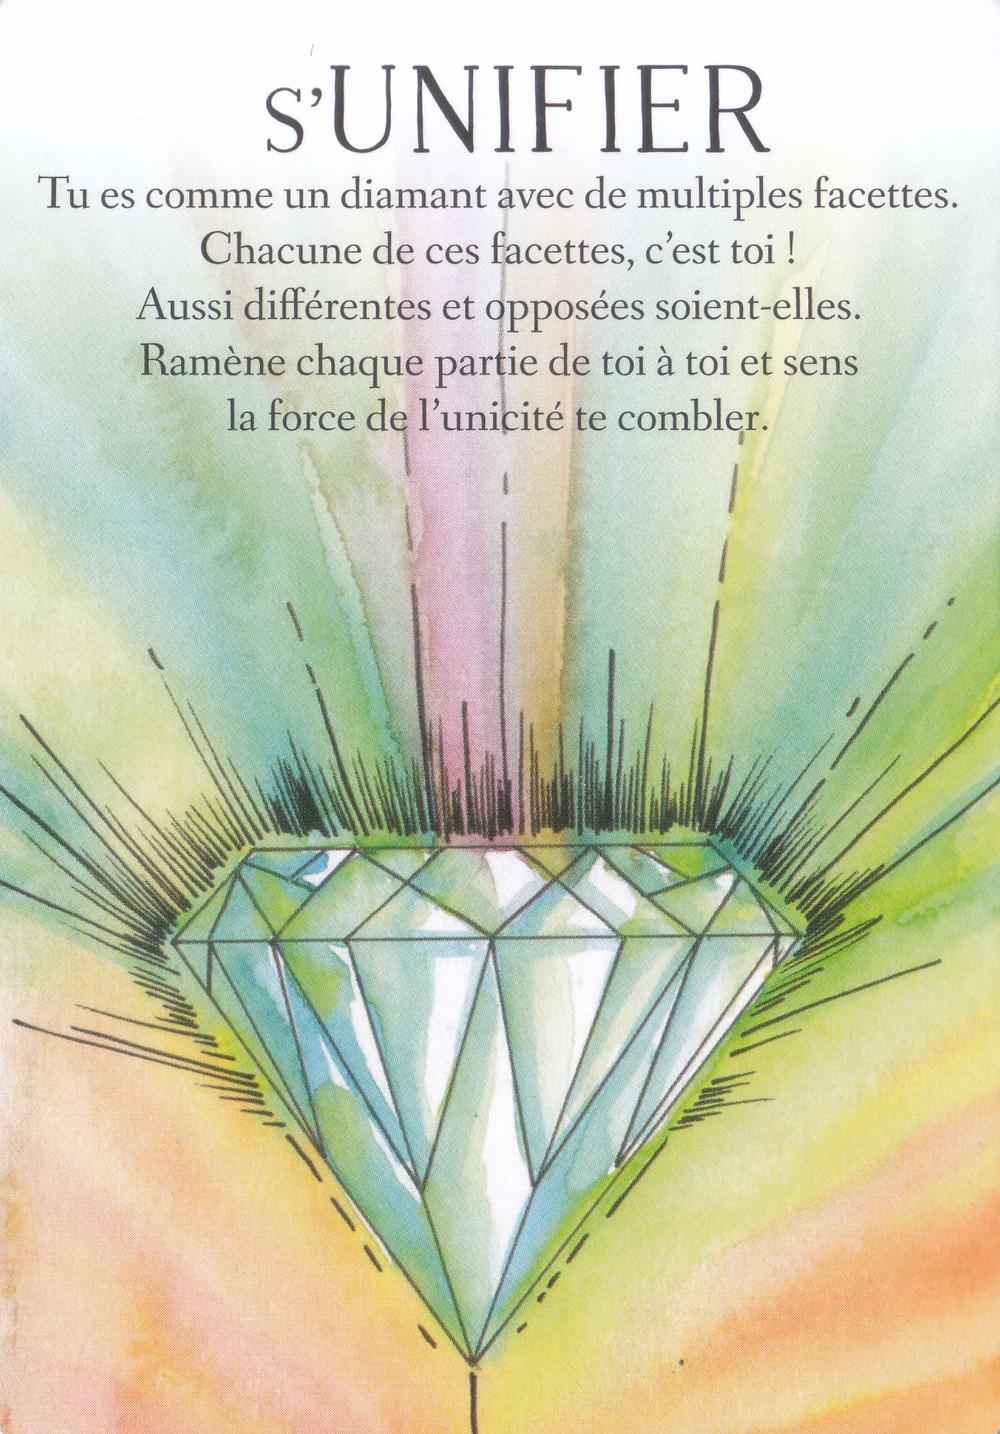 Carte de L'Oracle des messages de ton âme, de Charlotte Daynes - Energies du weekend 25-26-27 septembre : Transformation, élévation, unification : on garde le cap !